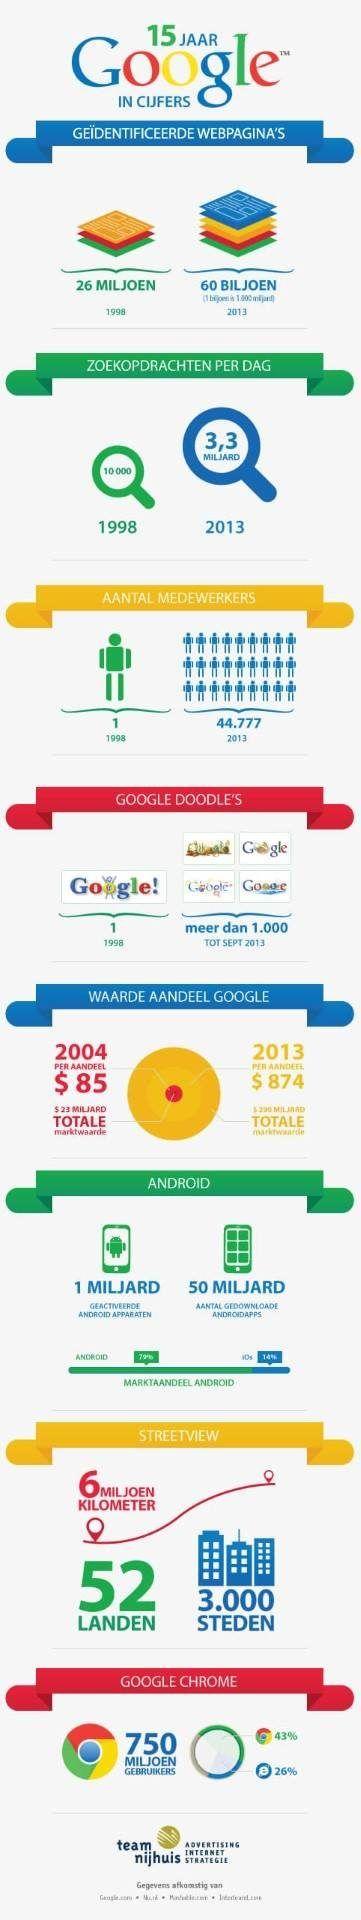 googlegeschiedenis een overzicht van de eerste 15 jaar cijfers infographic prestaties google